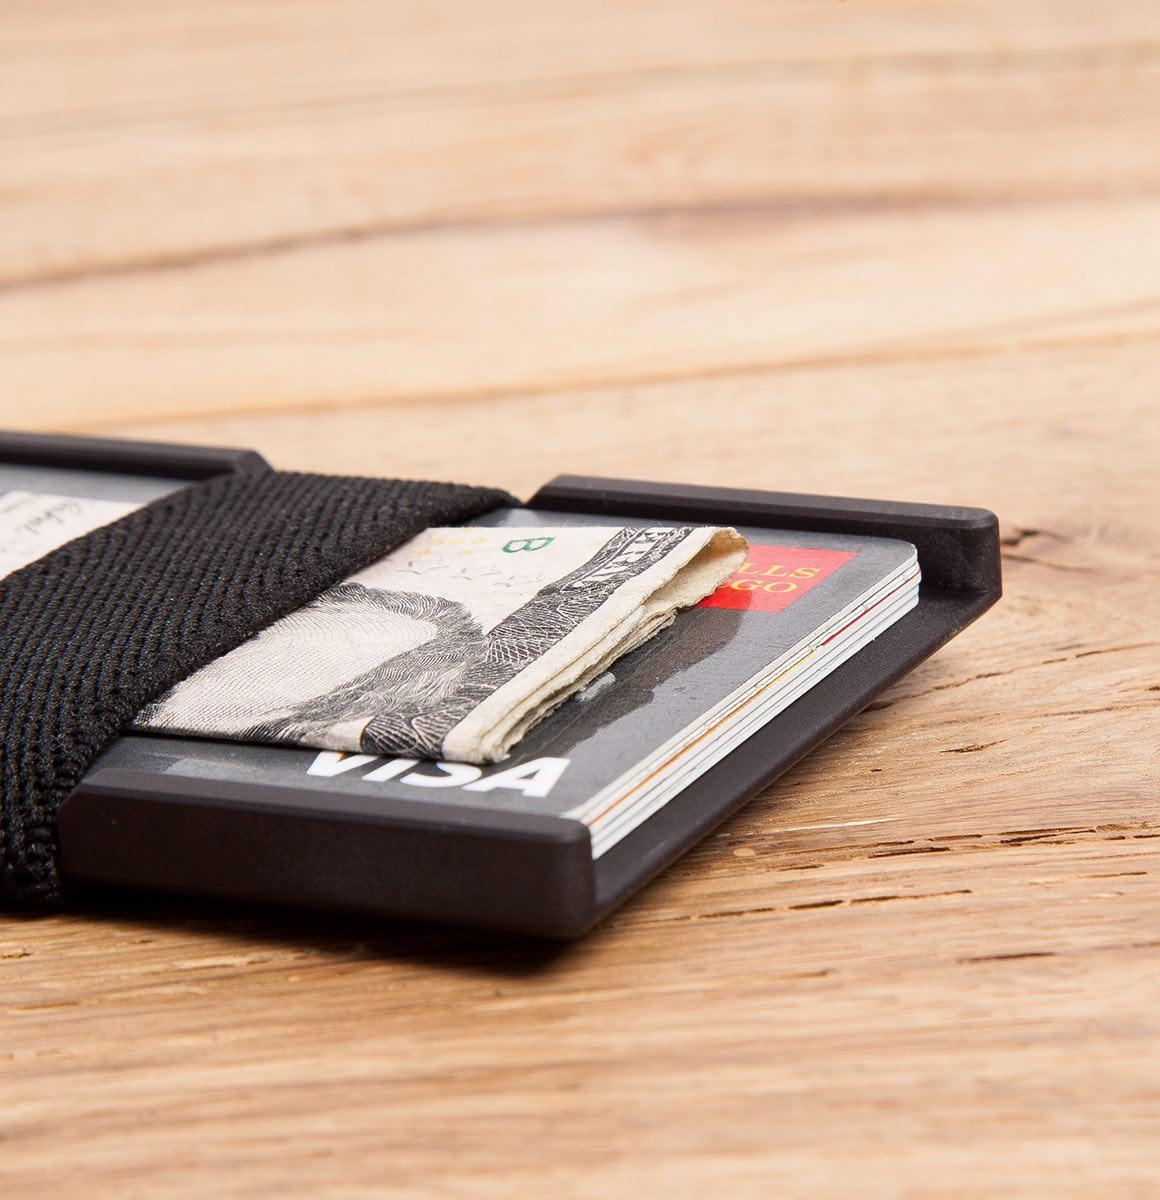 The Machine Era Wallet